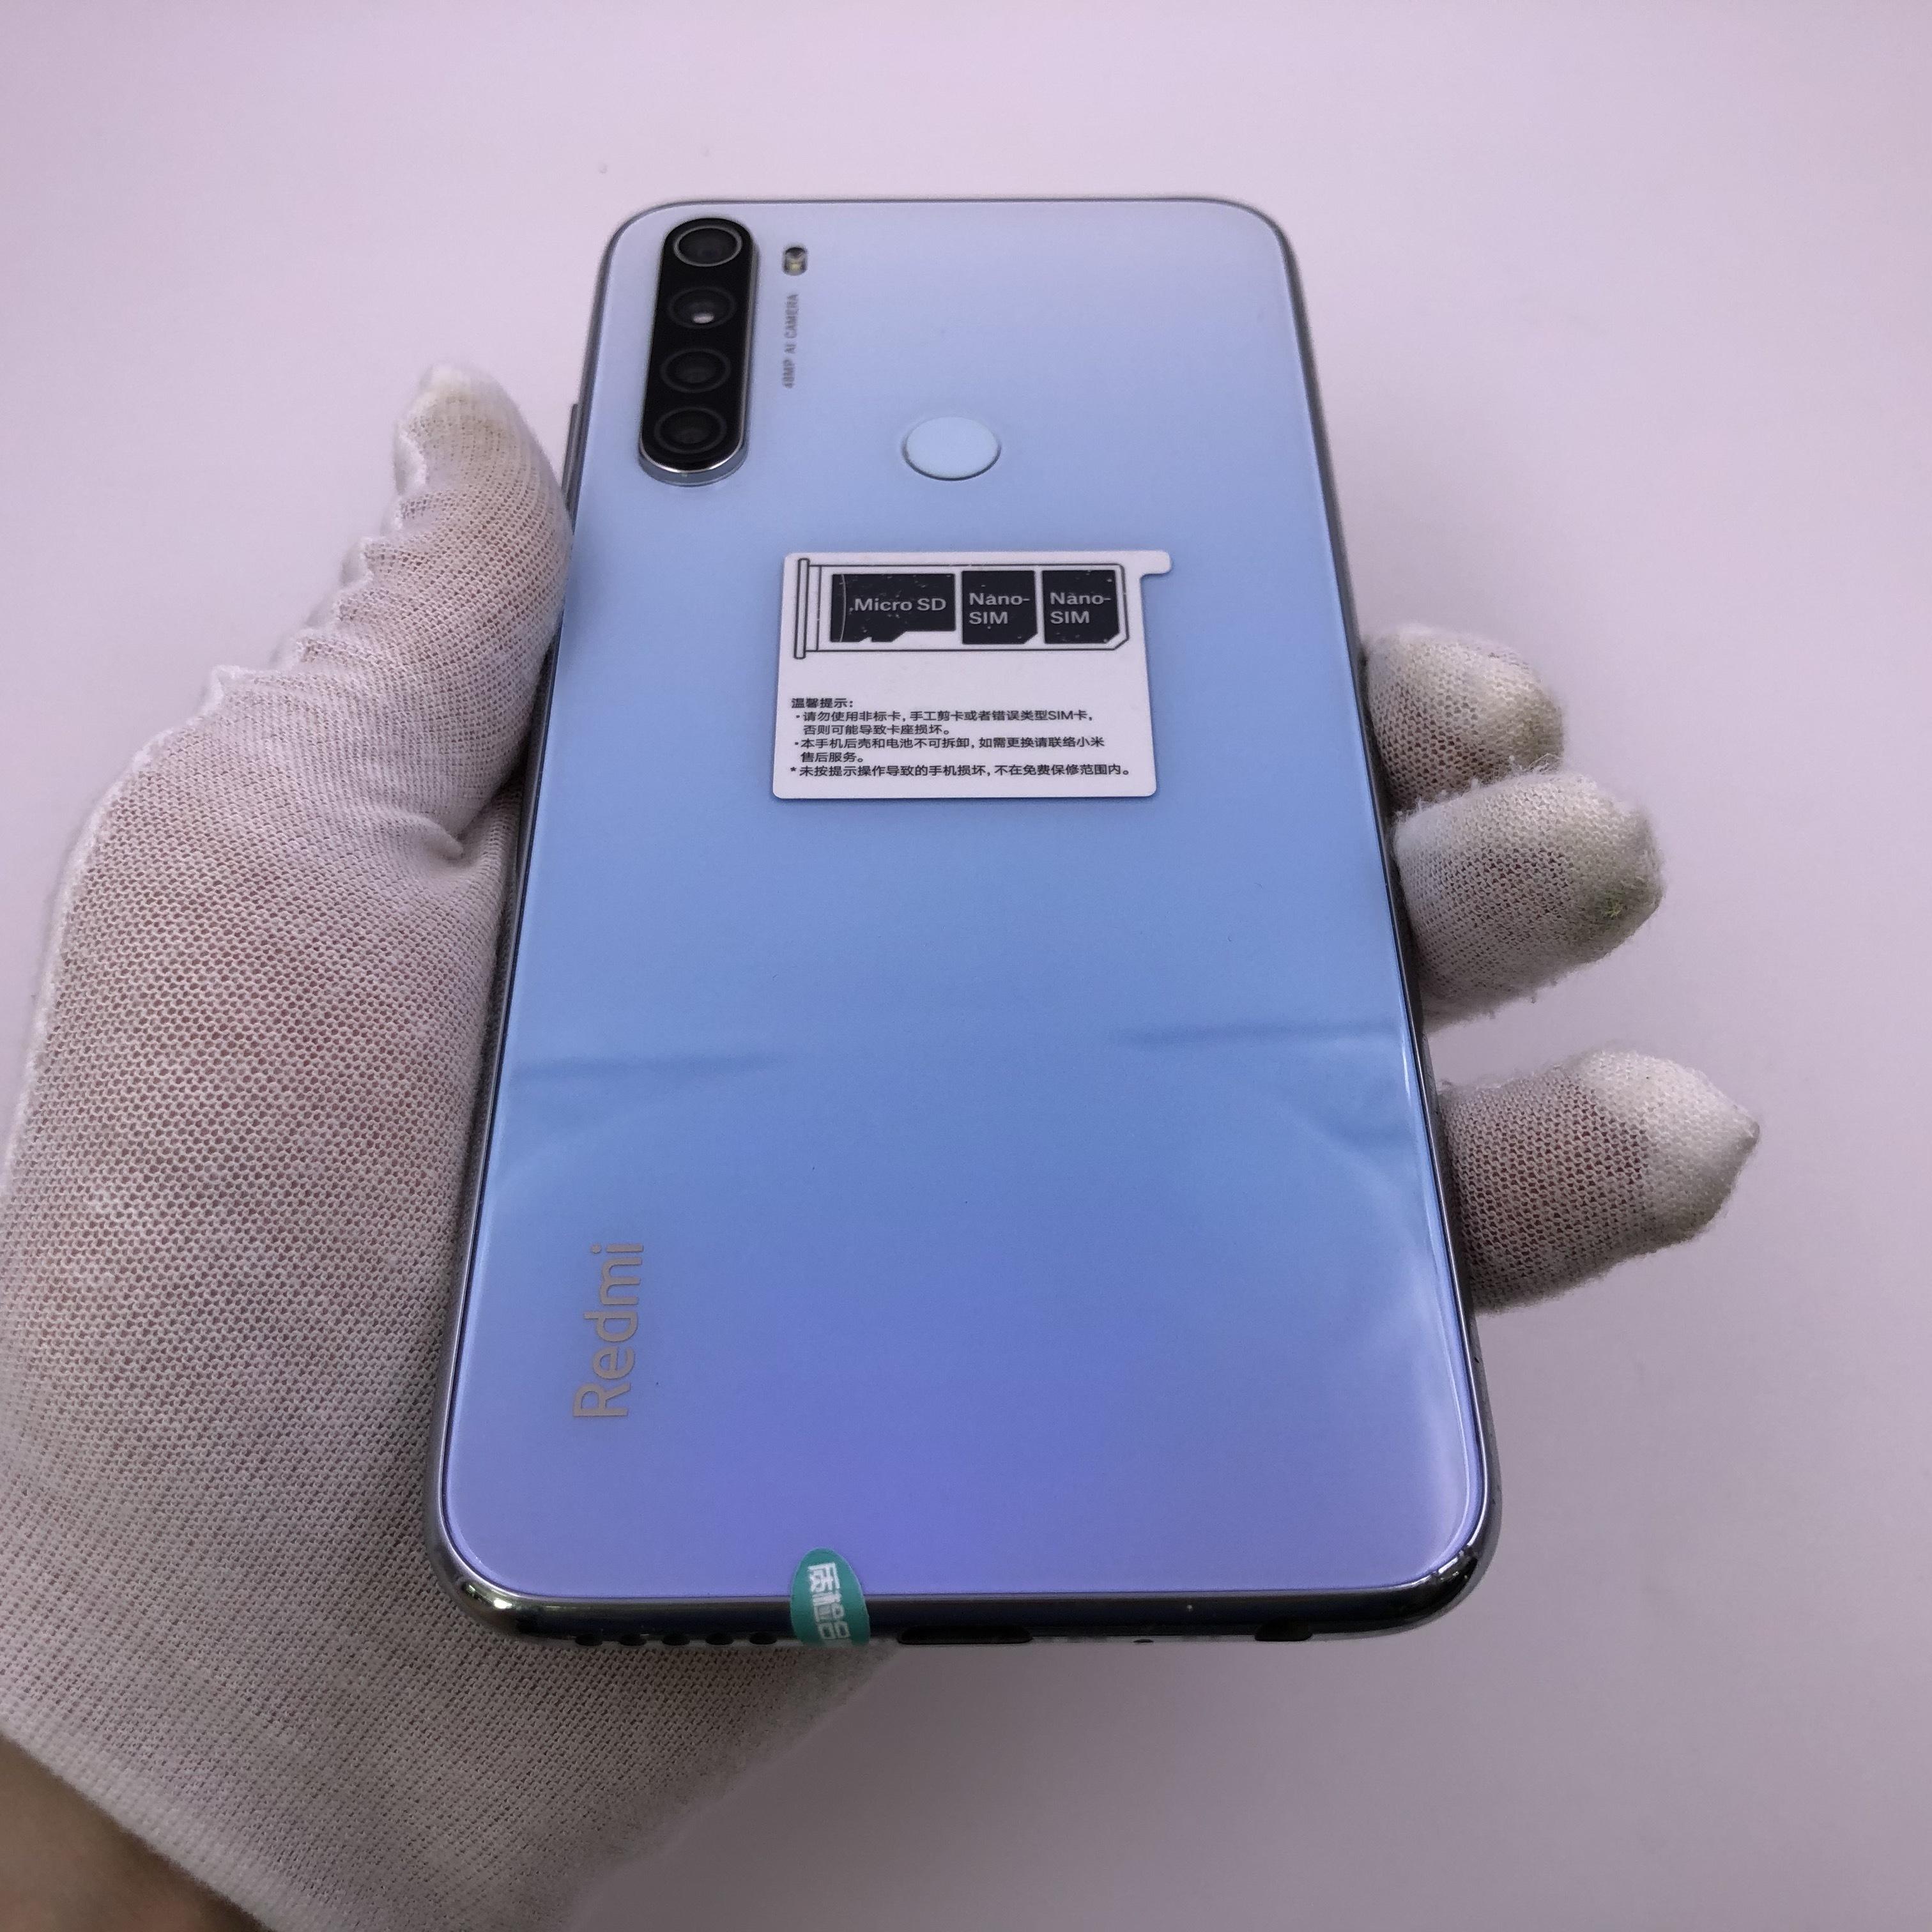 小米【Redmi Note 8】4G全网通 蓝色 4G/64G 国行 8成新